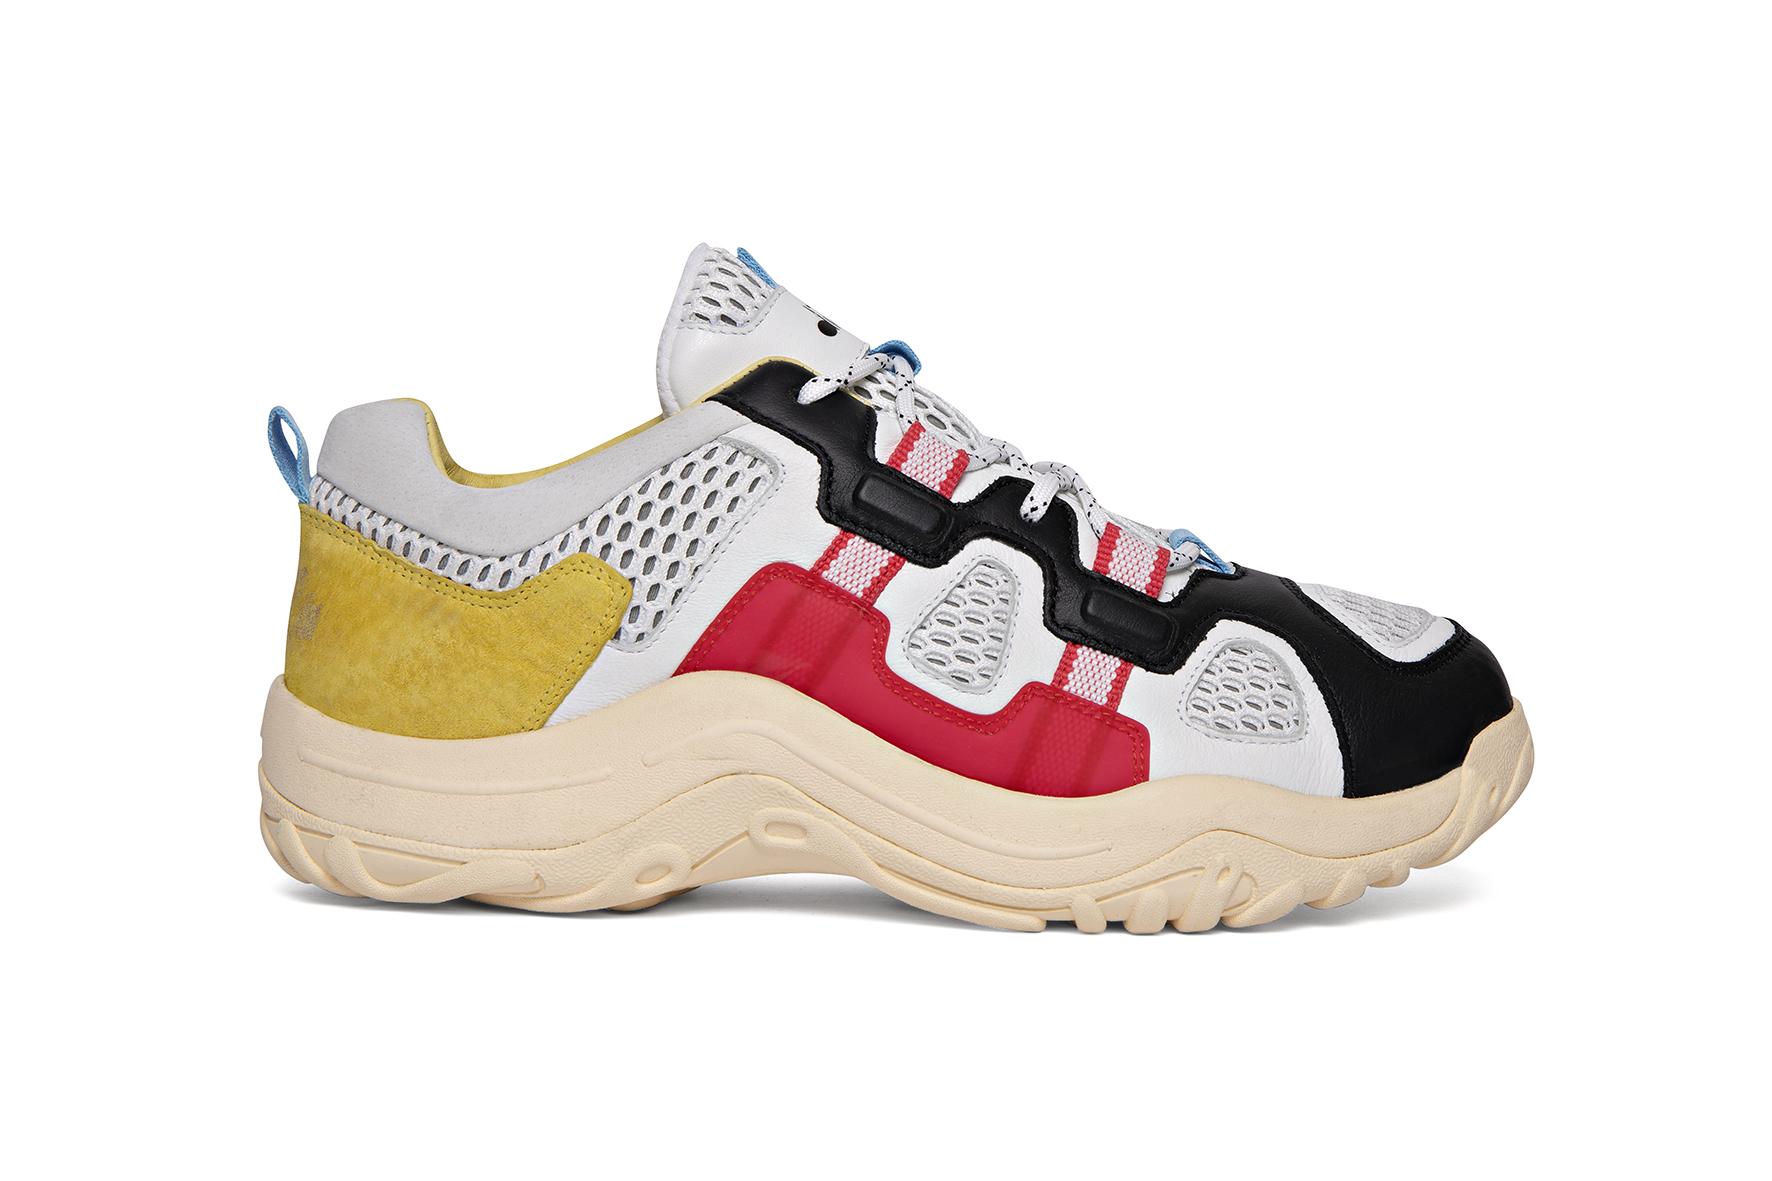 DIADORA PITTI 96 Sneakers Magazine